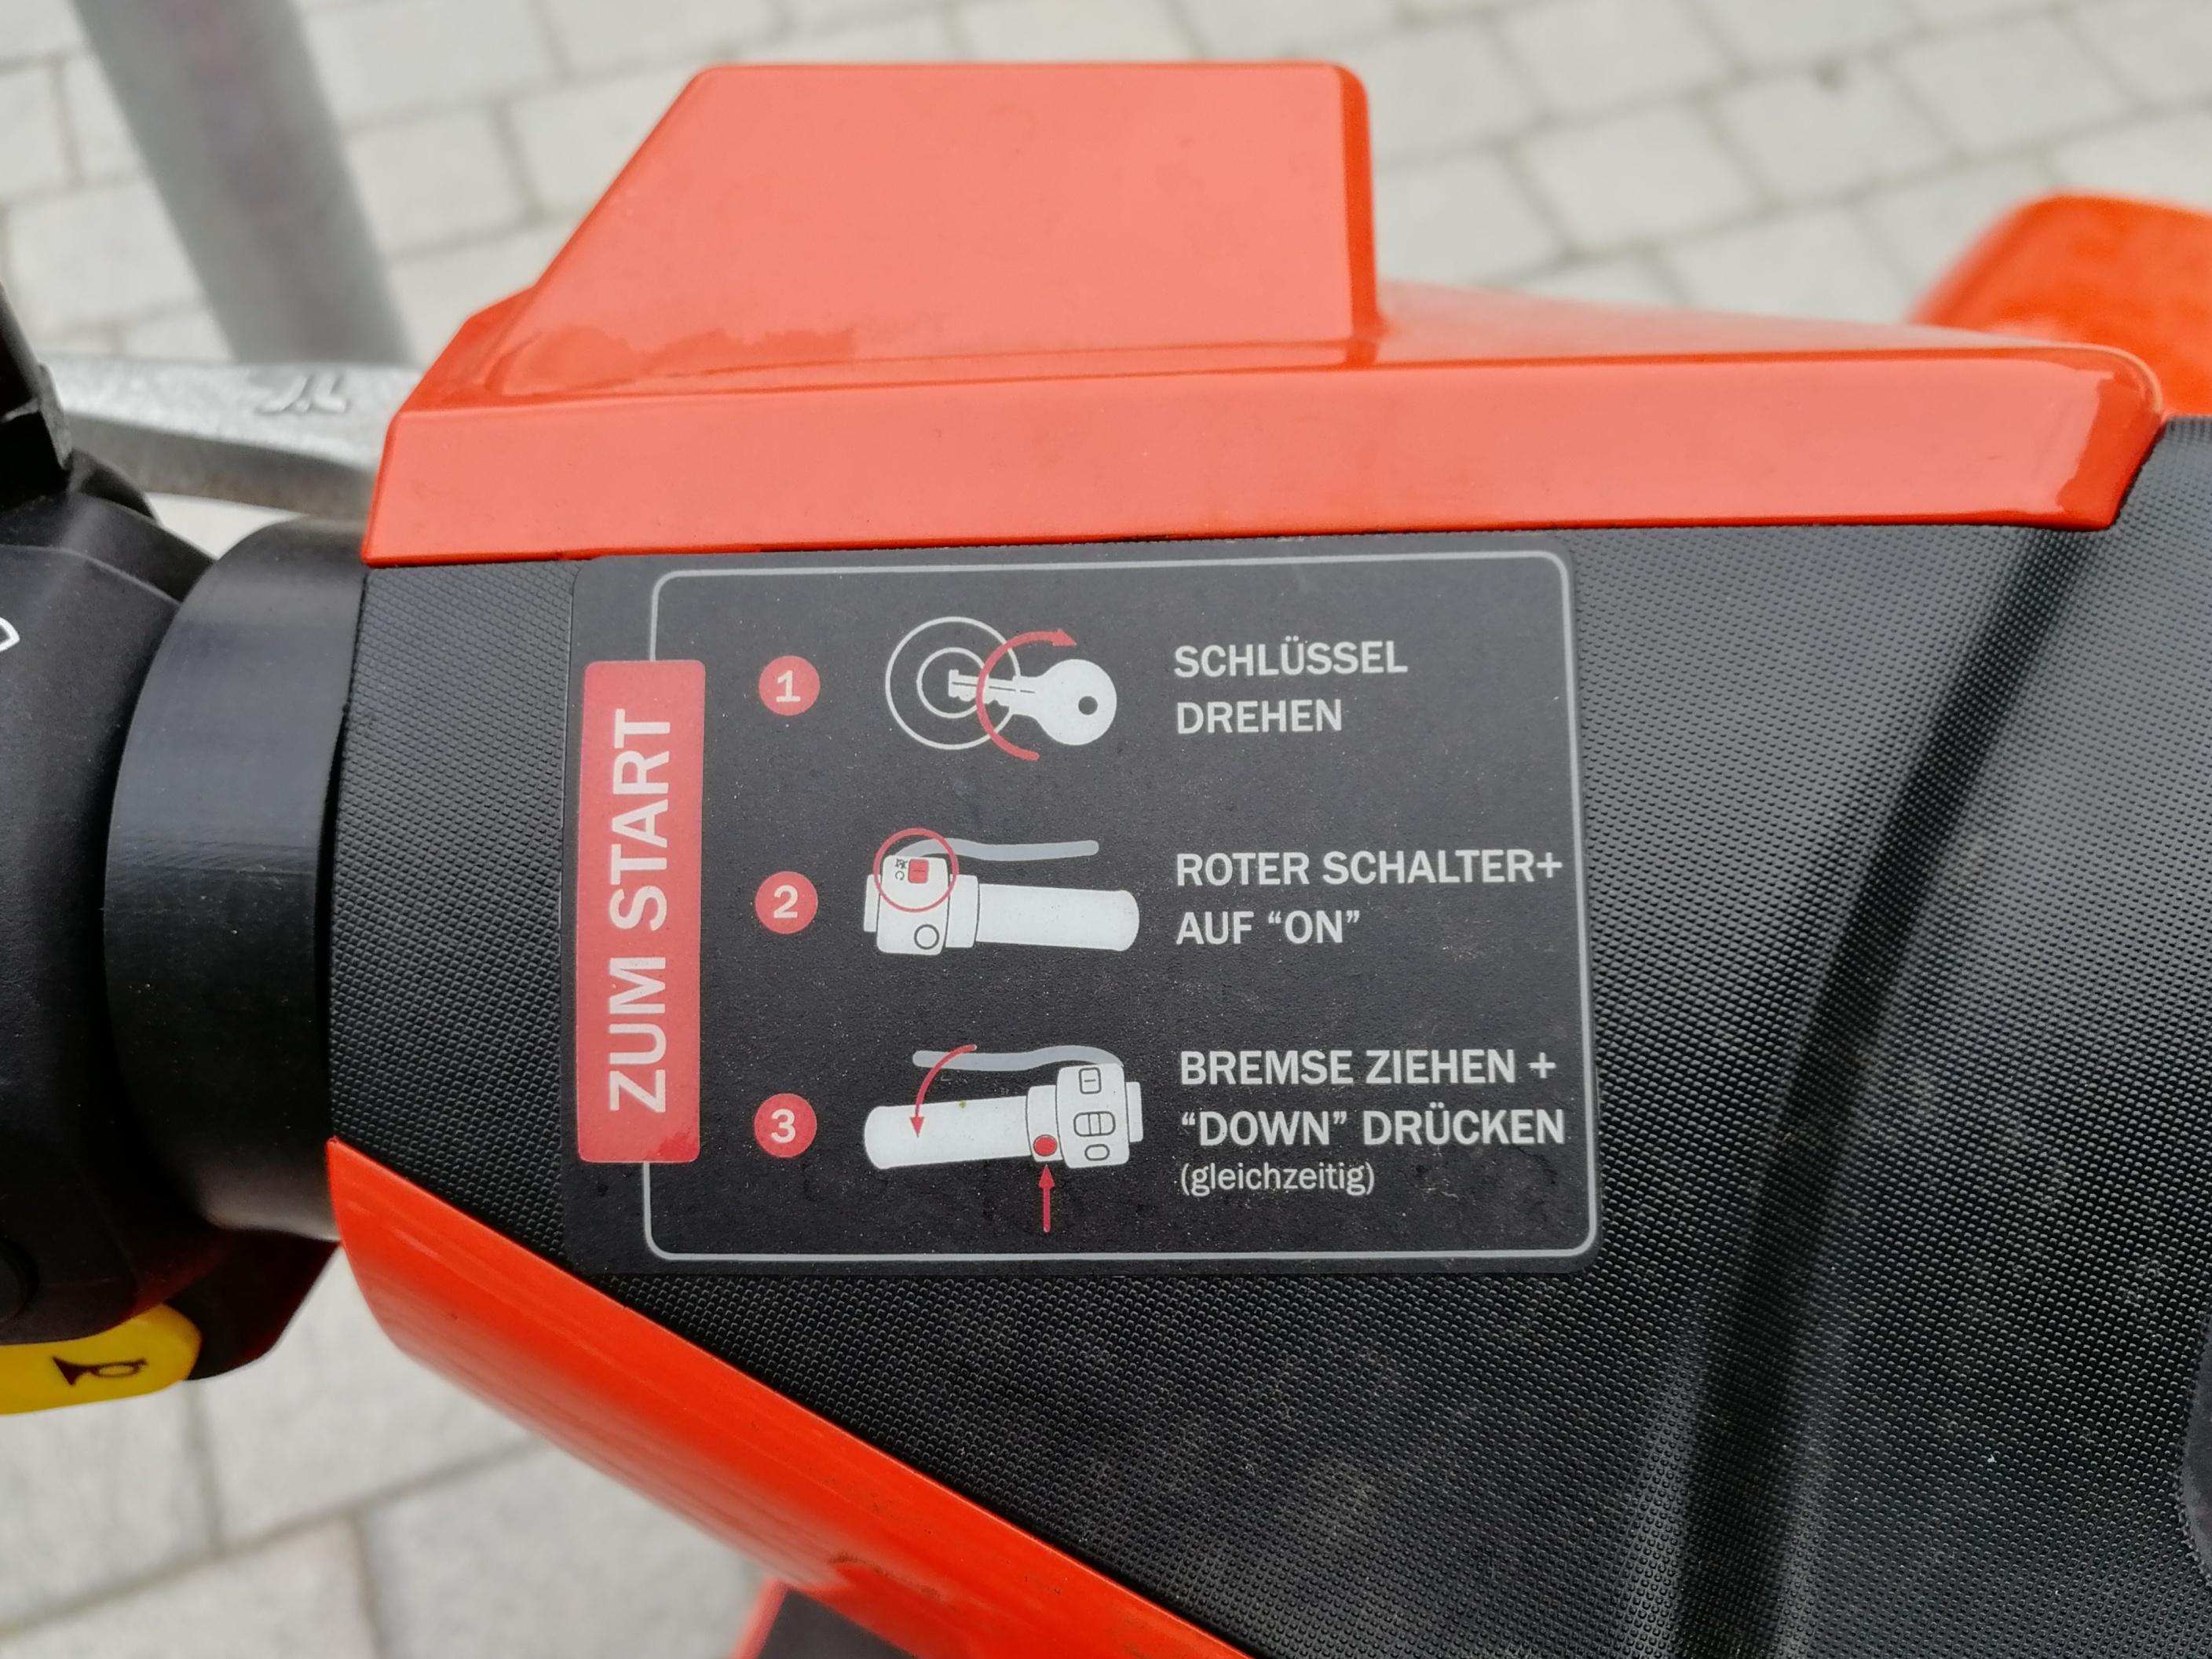 Elektroroller-Verleih Coup: Zum Laden in den Keller gehen -